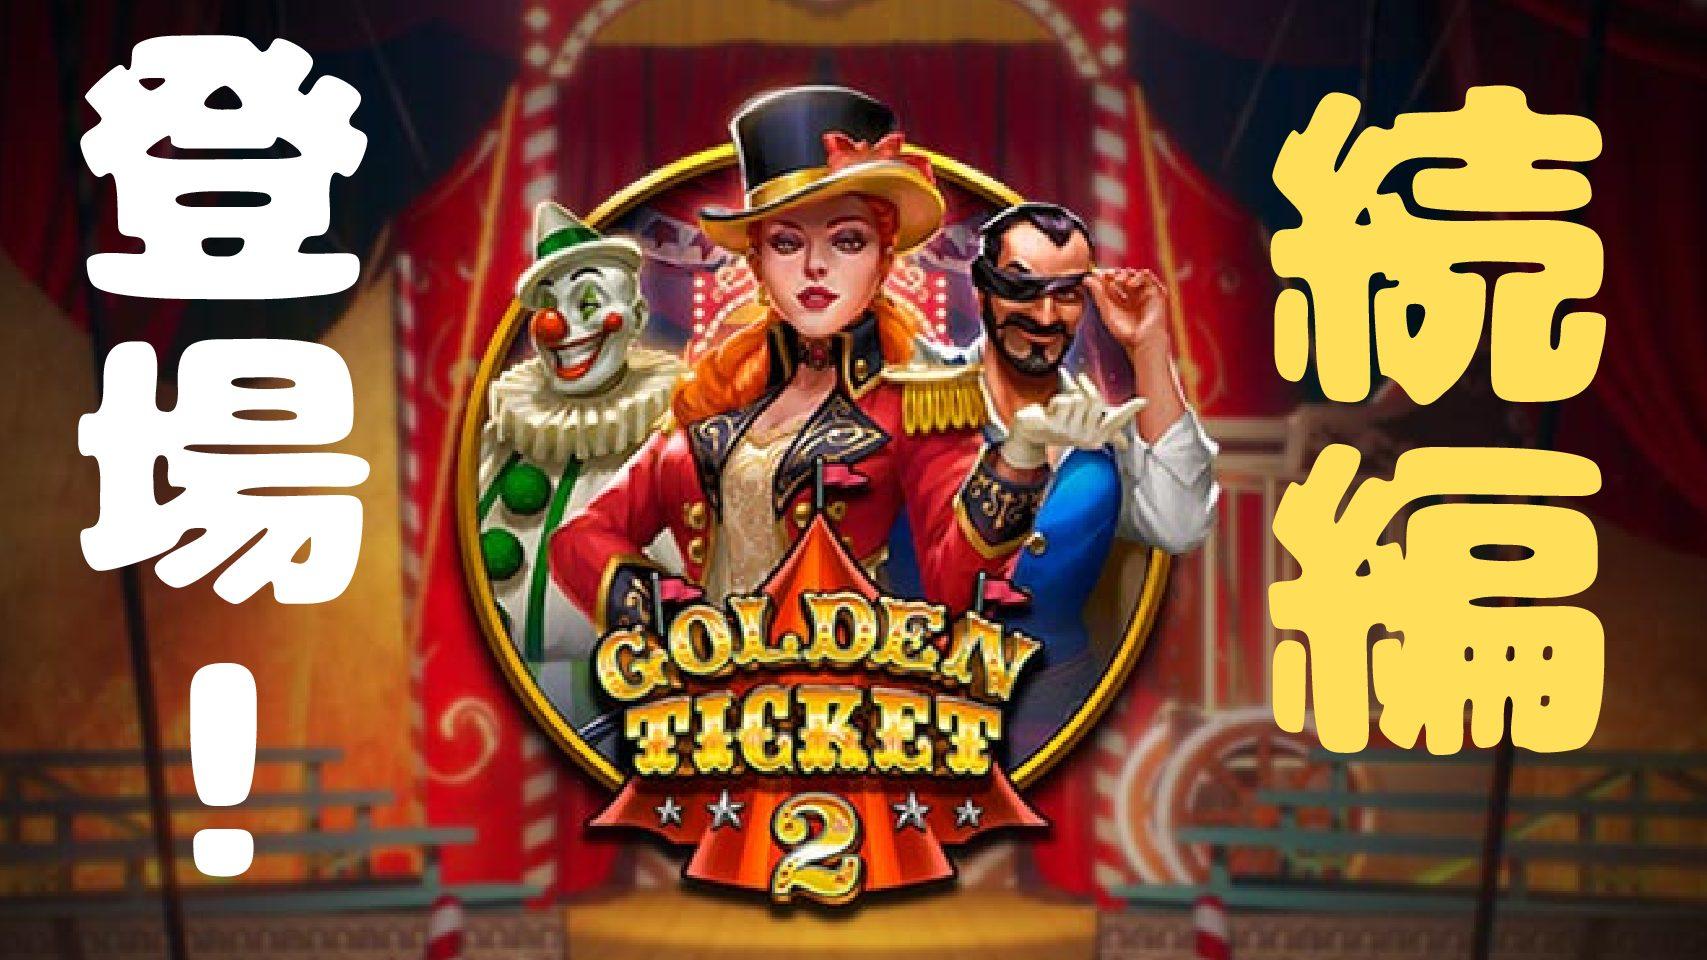 【ゴールデンチケット2】 なんとGolden Ticket にも続編が登場!2020年下半期は人気スロット新作の年か?